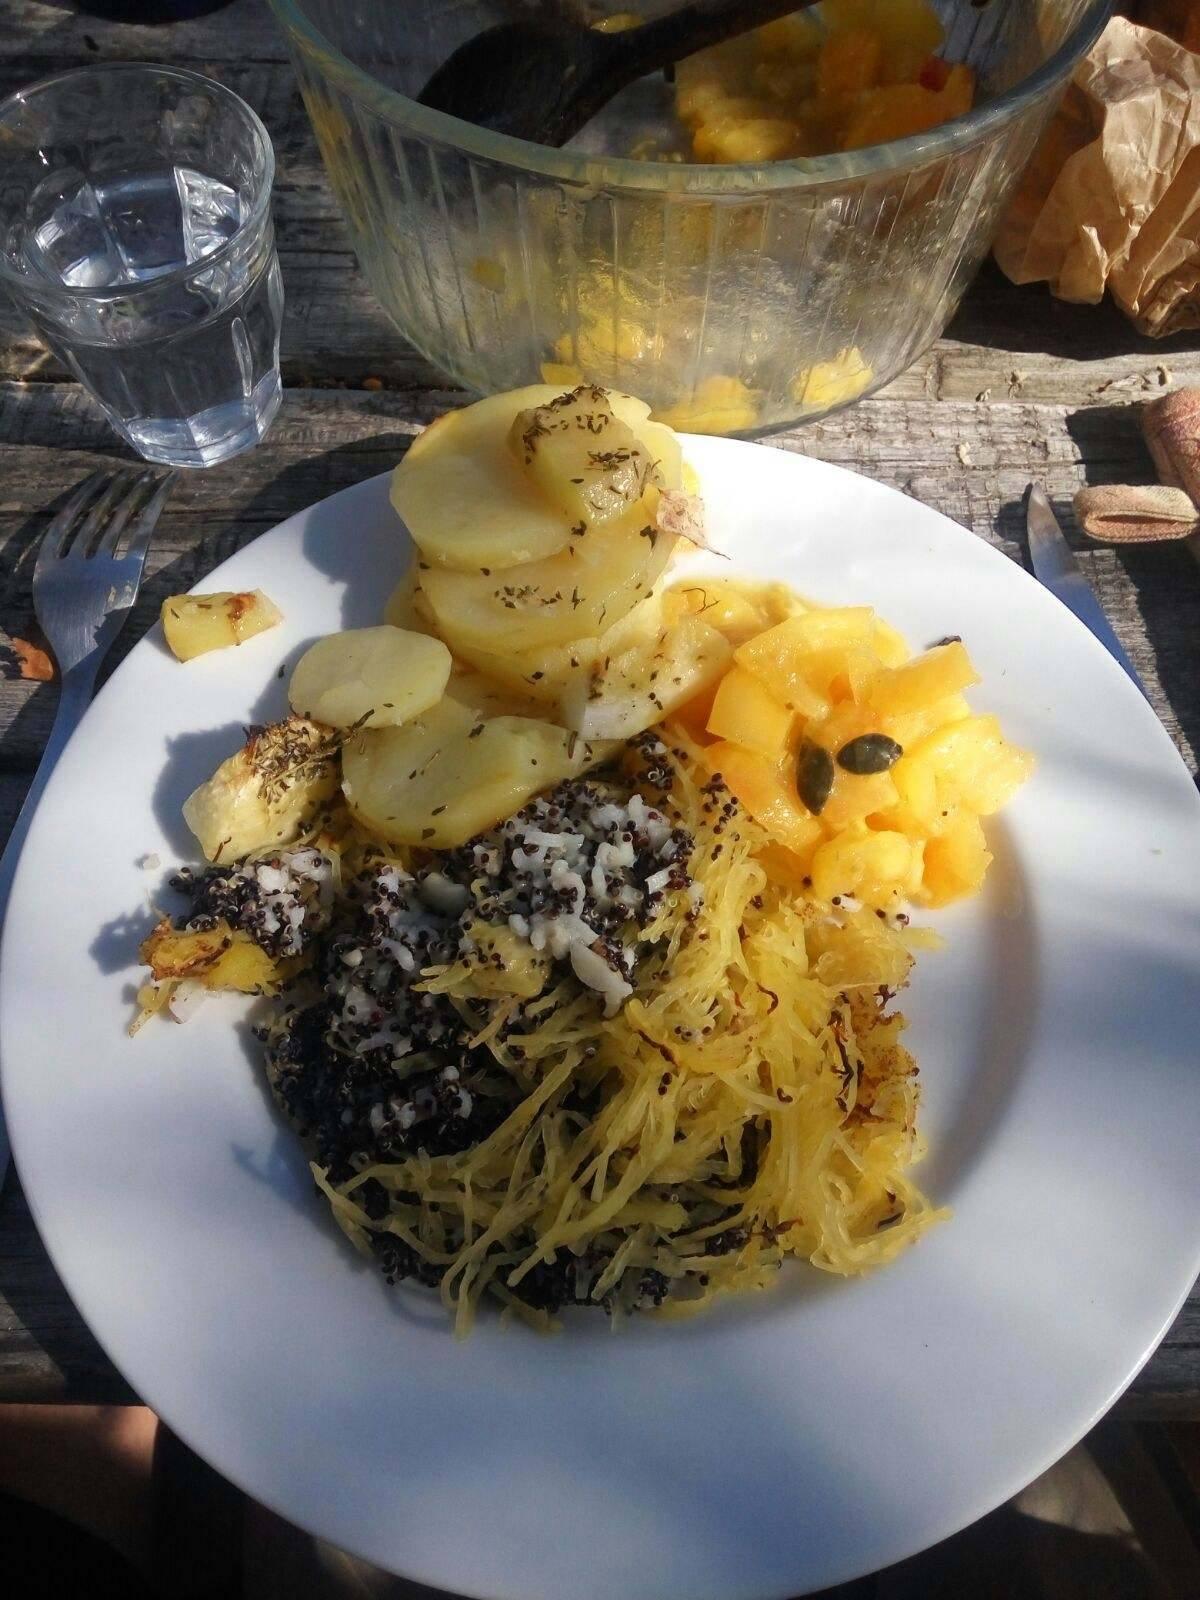 La recette improbable au quinoa